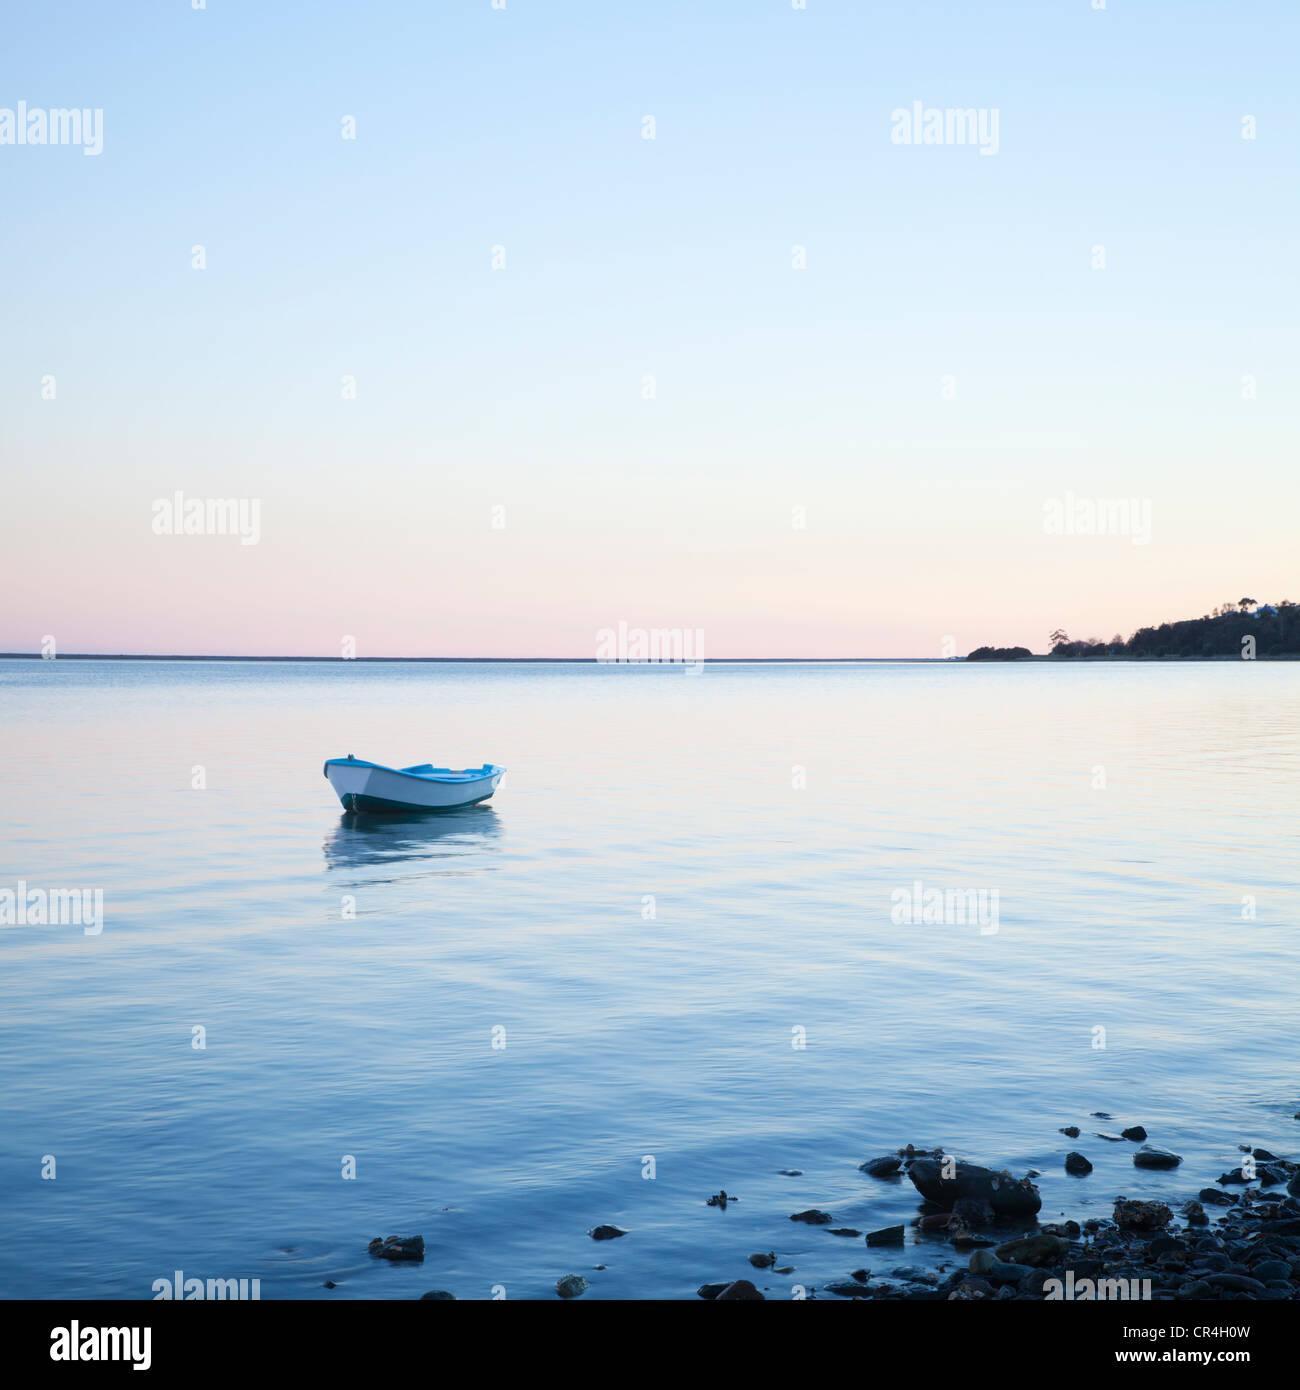 Remo pequeña embarcación anclada en agua lamiendo suavemente Imagen De Stock